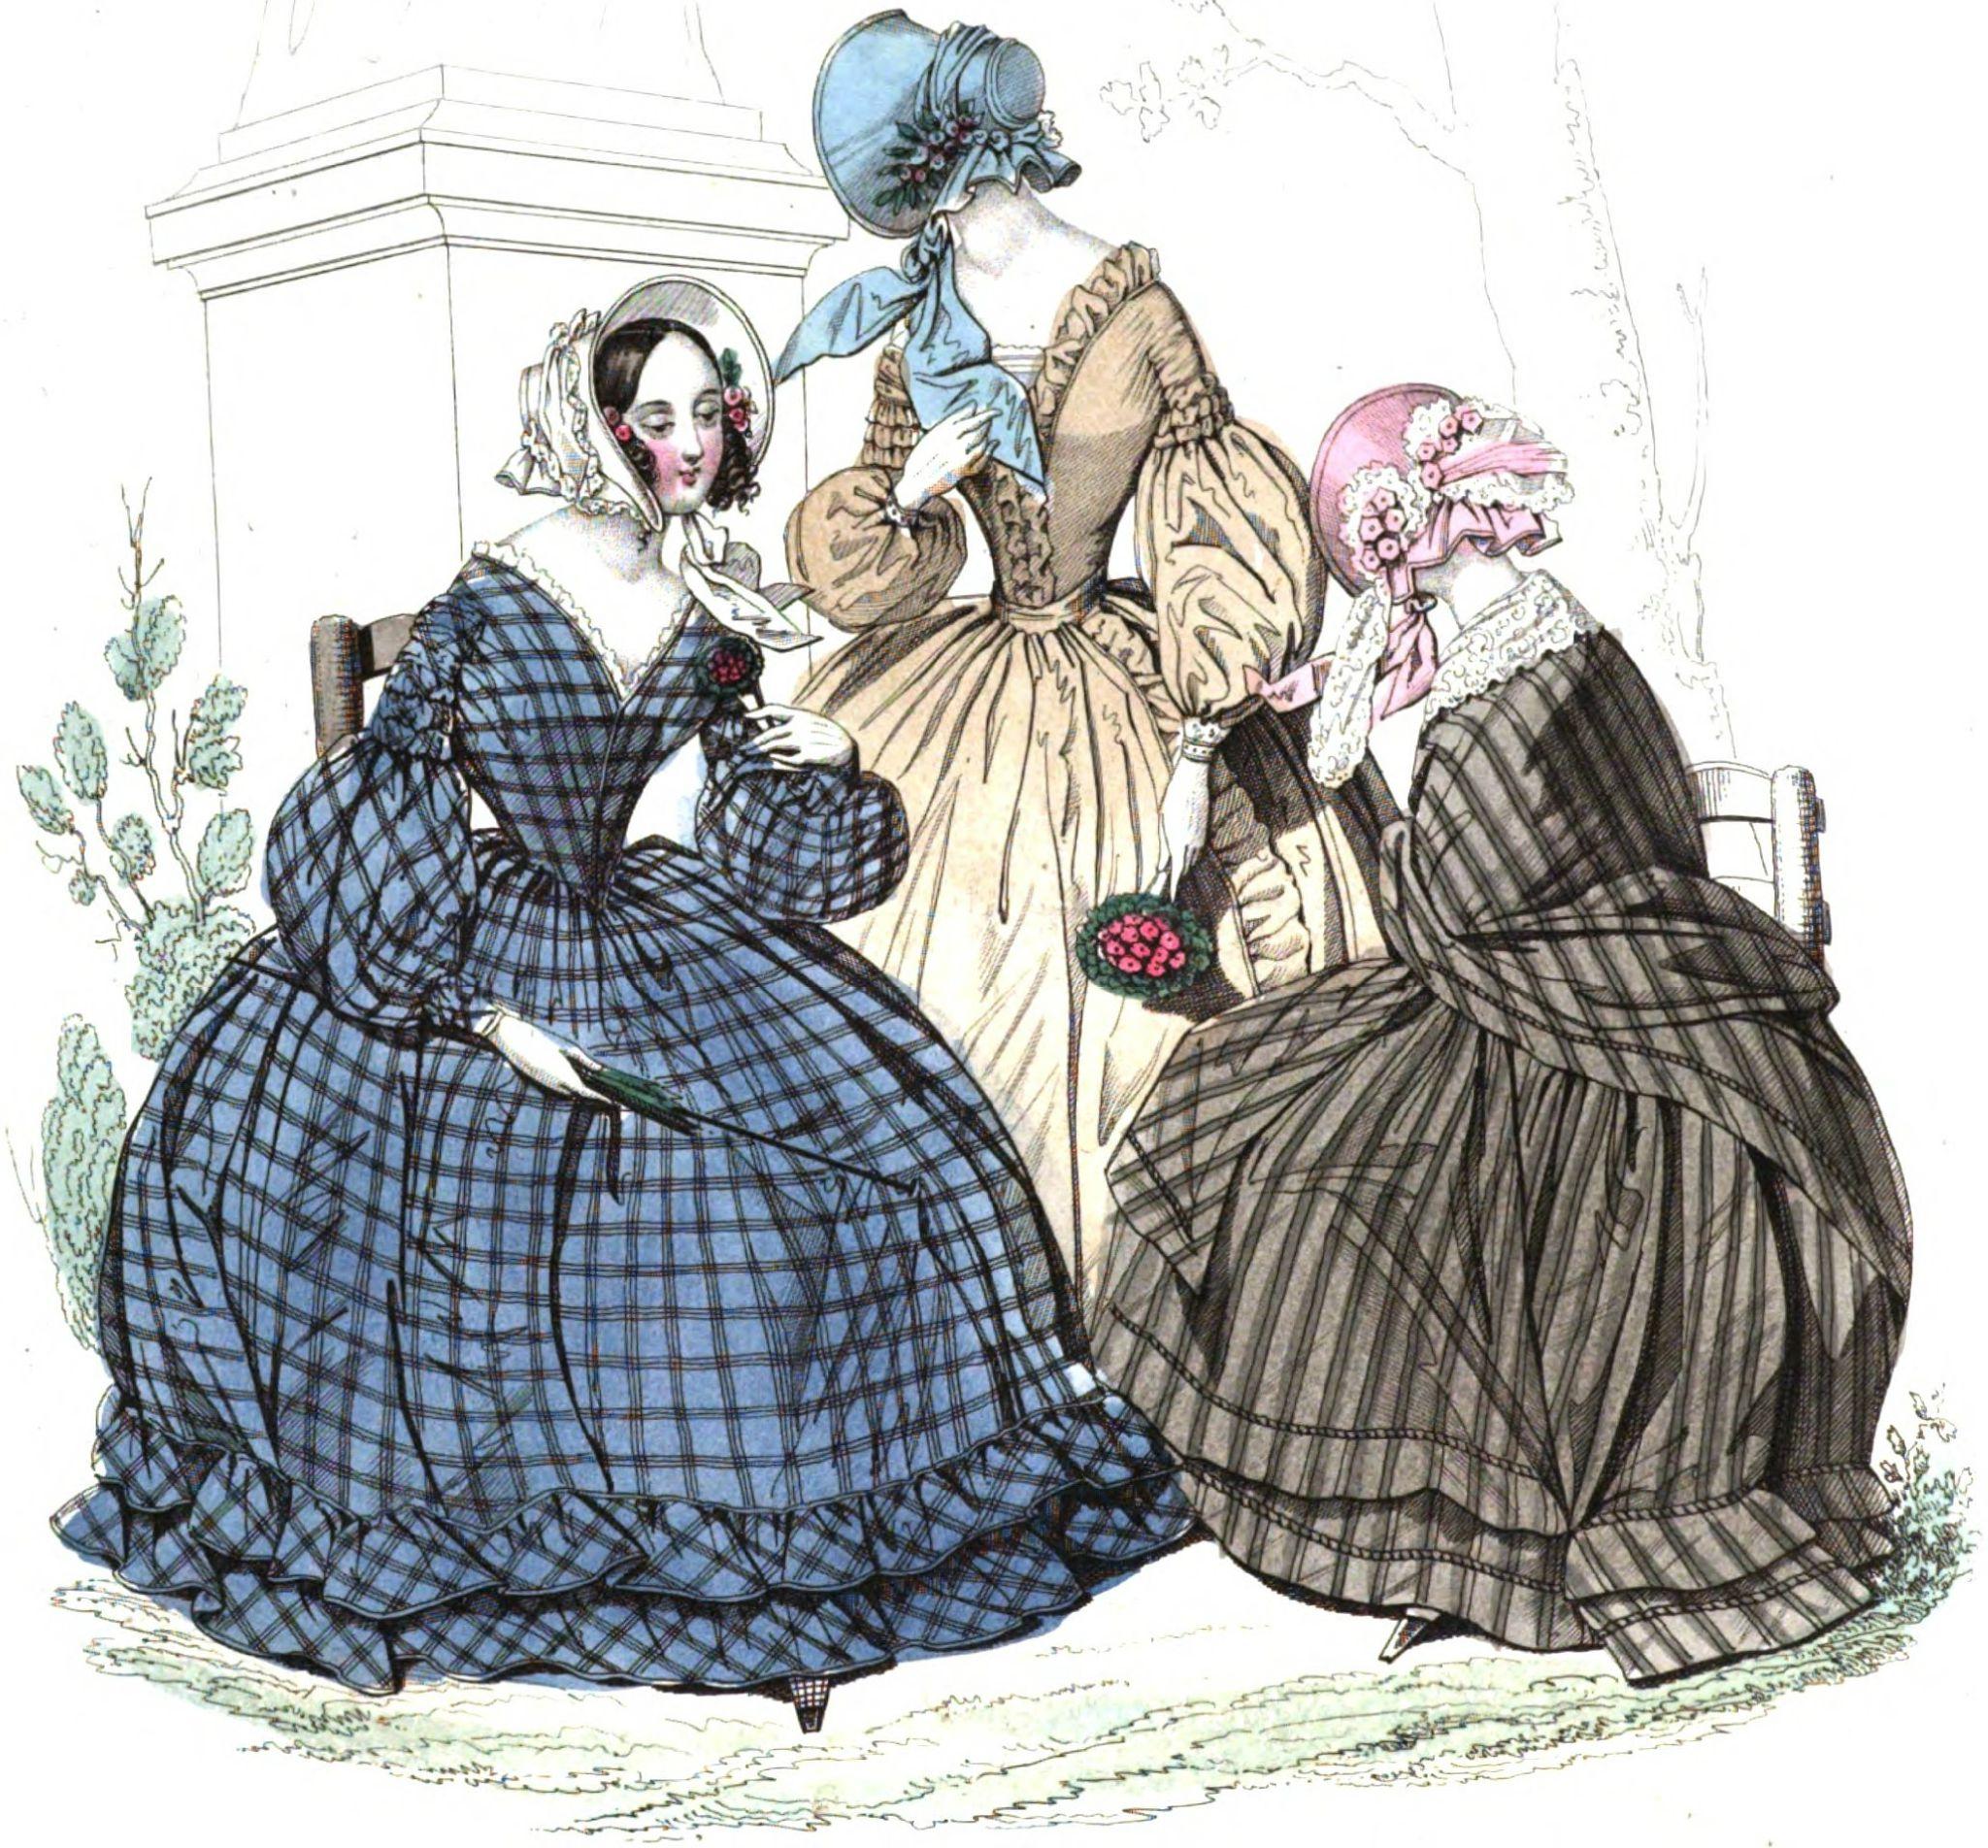 La mode au XIXe siècle, 3ème partie  1830/1848, la monarchie de juillet